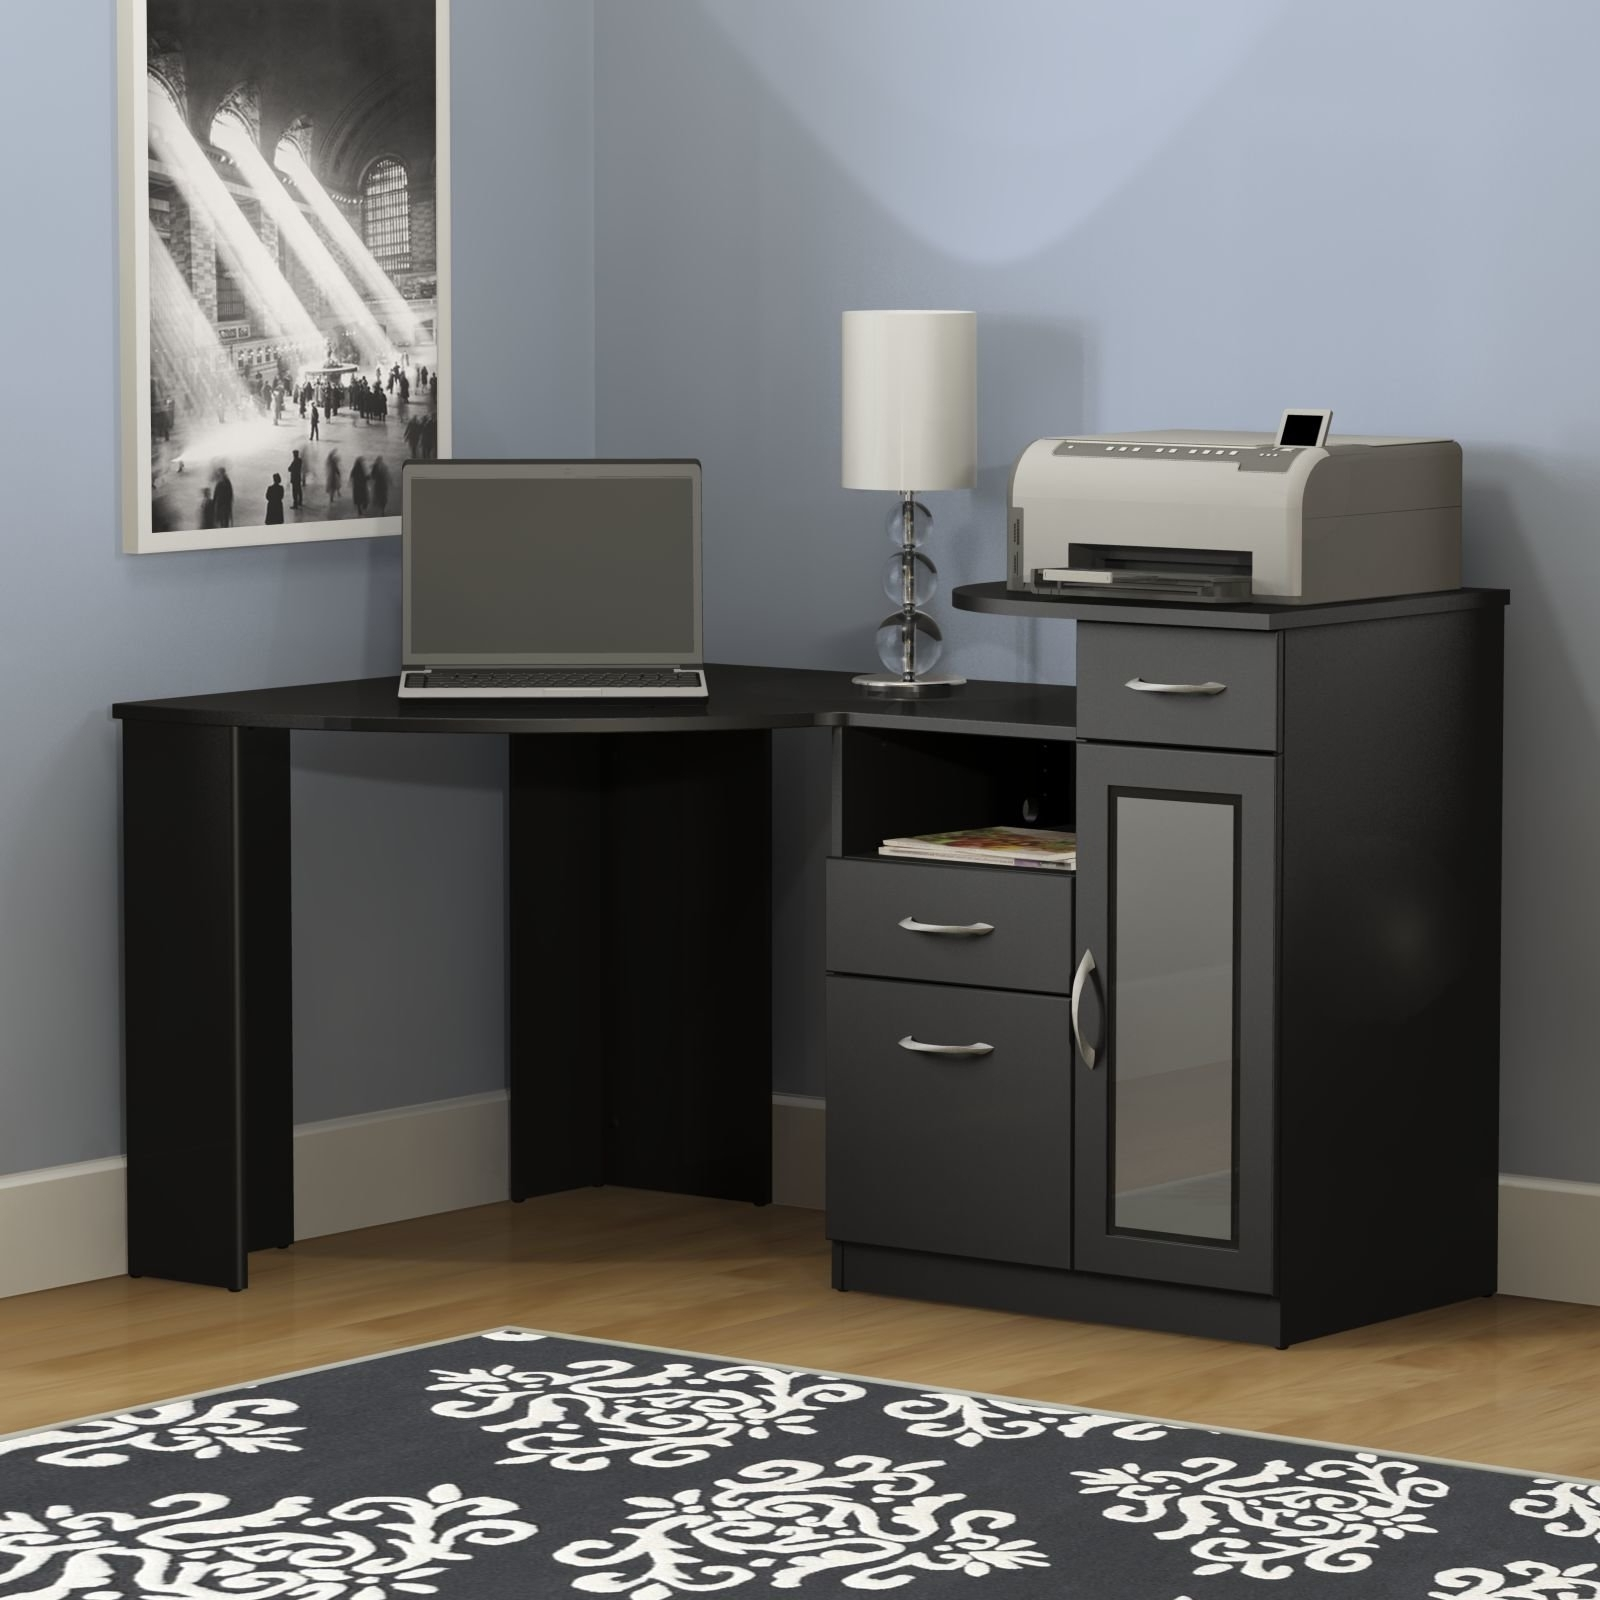 Corner Computer Desks Intended For Best And Newest Corner Desks You'll Love (View 18 of 20)